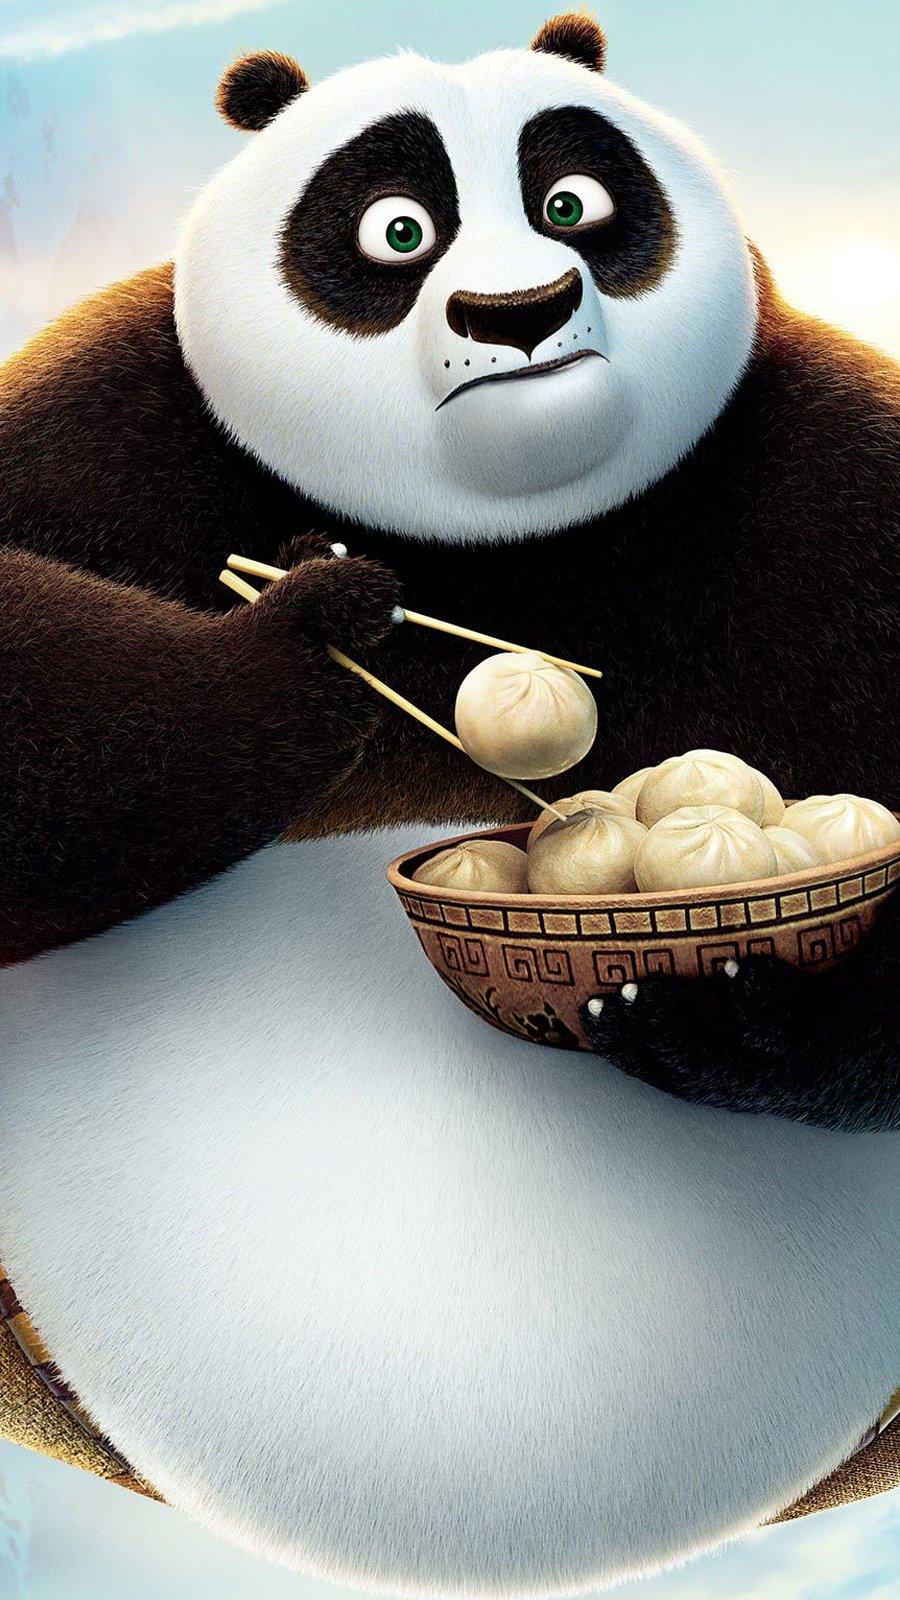 Wallpaper Kung fu panda 3 Vertical